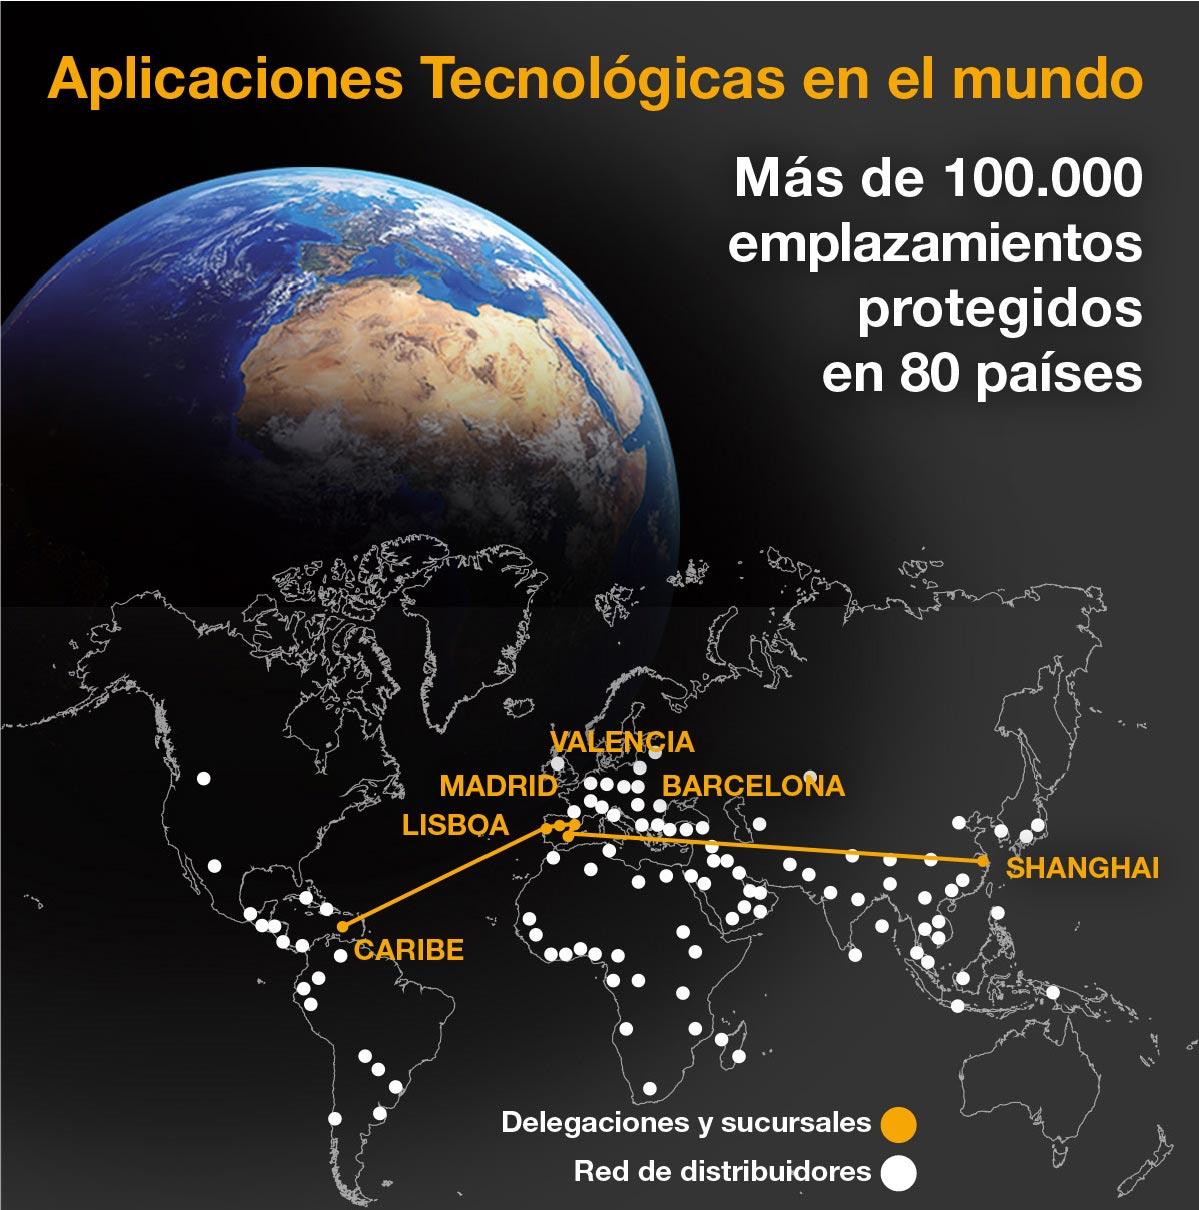 Aplicaciones Tecnologicas en el Mundo Movil